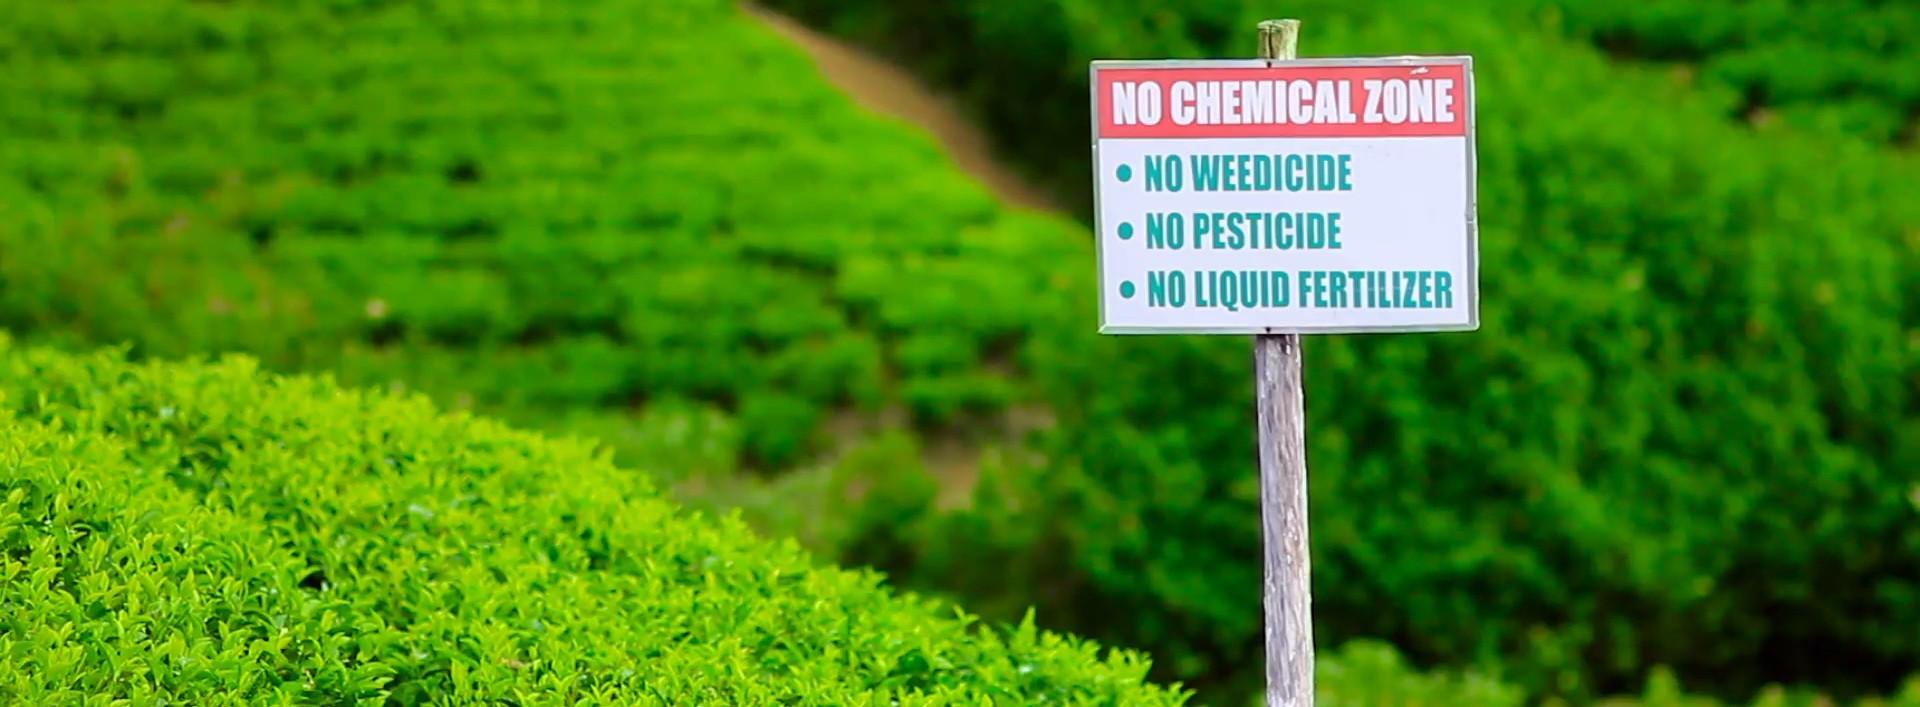 βιολογικά προϊόντα - organiko tsai natureshousegr - βιολογικά προϊόντα Nature's House